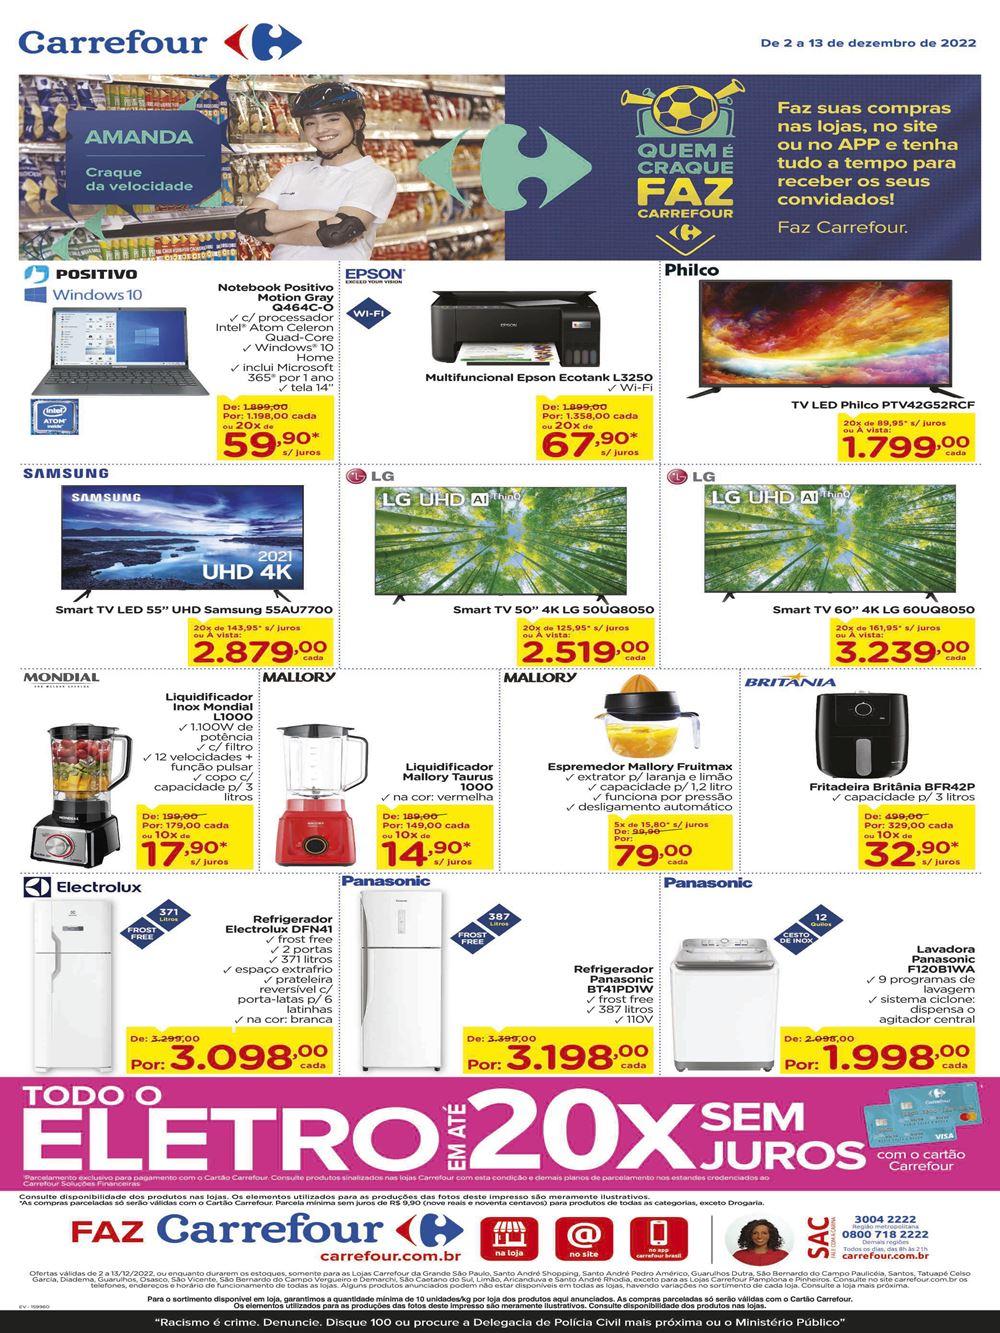 carrefour-ofertas-descontos-hoje14-13 Ofertas de supermercados